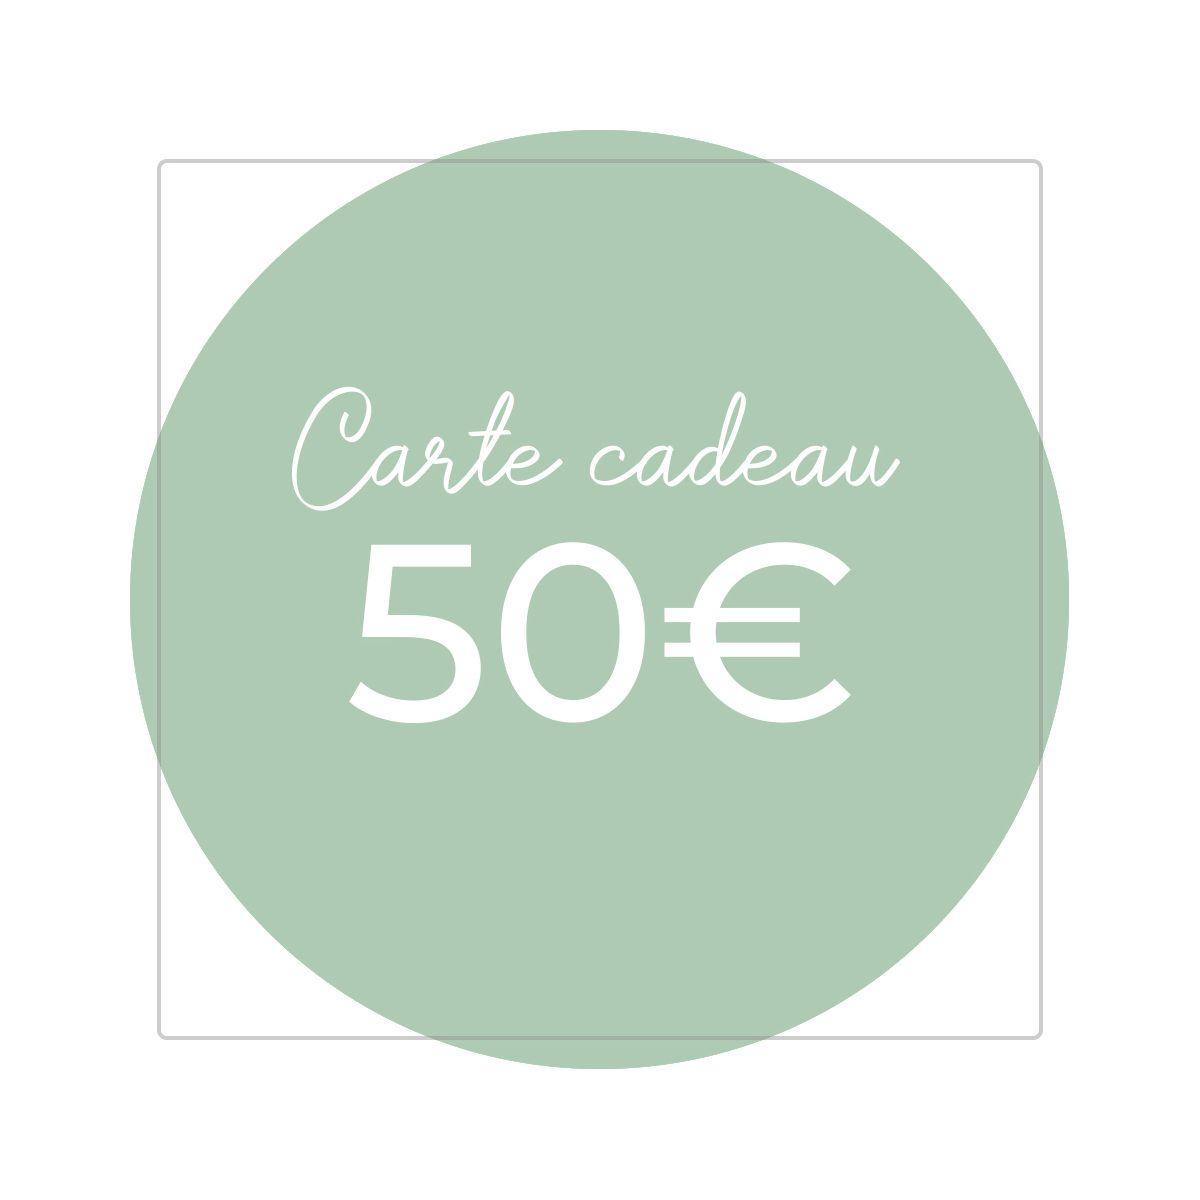 Carte cadeau 50€ - Version numérique